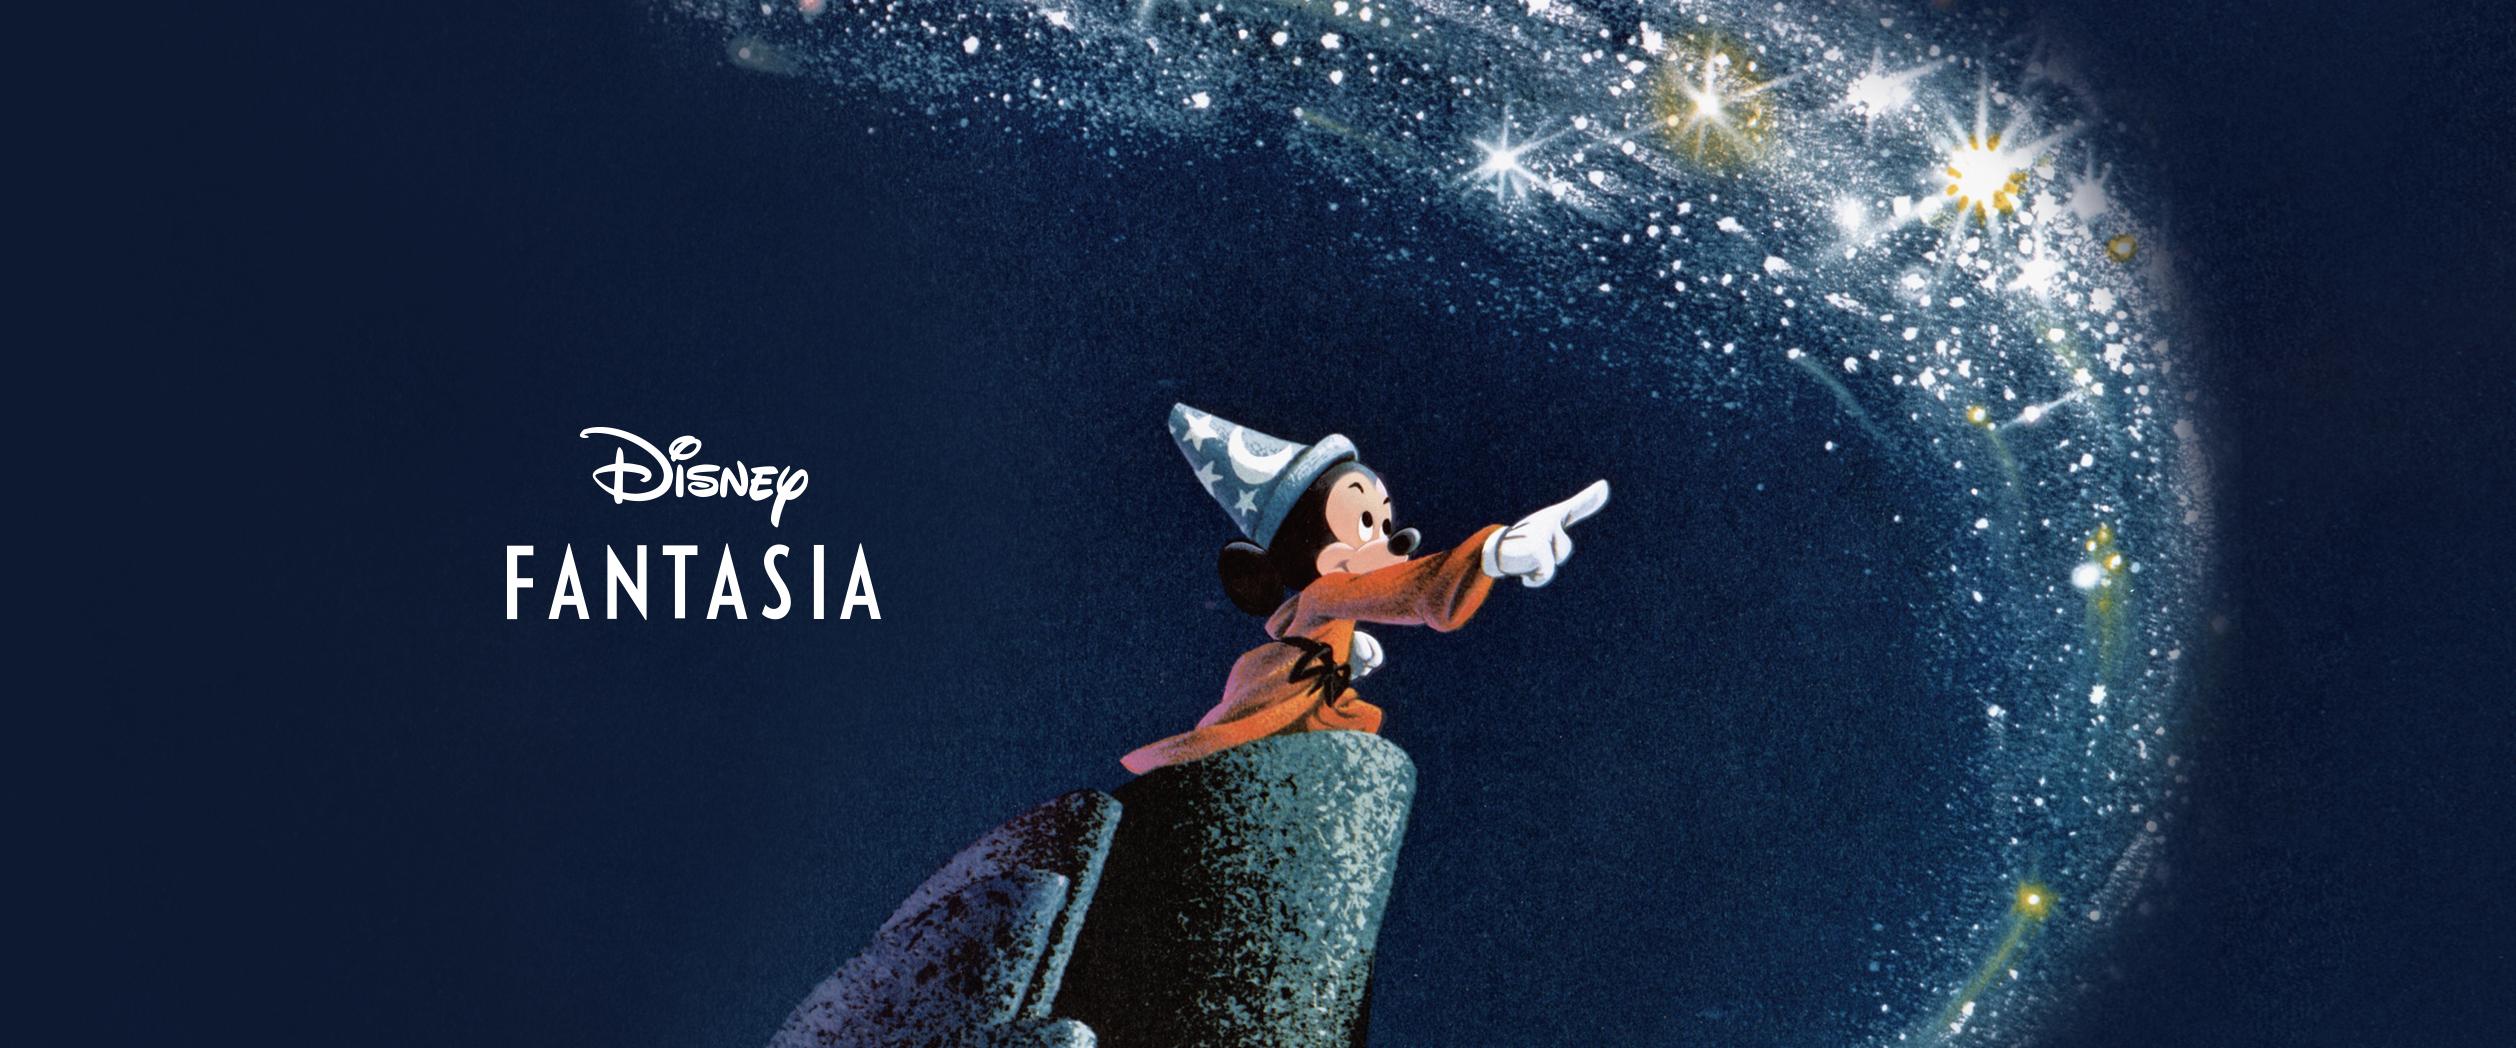 ディズニー『ファンタジア』の結婚指輪で煌めく特別感